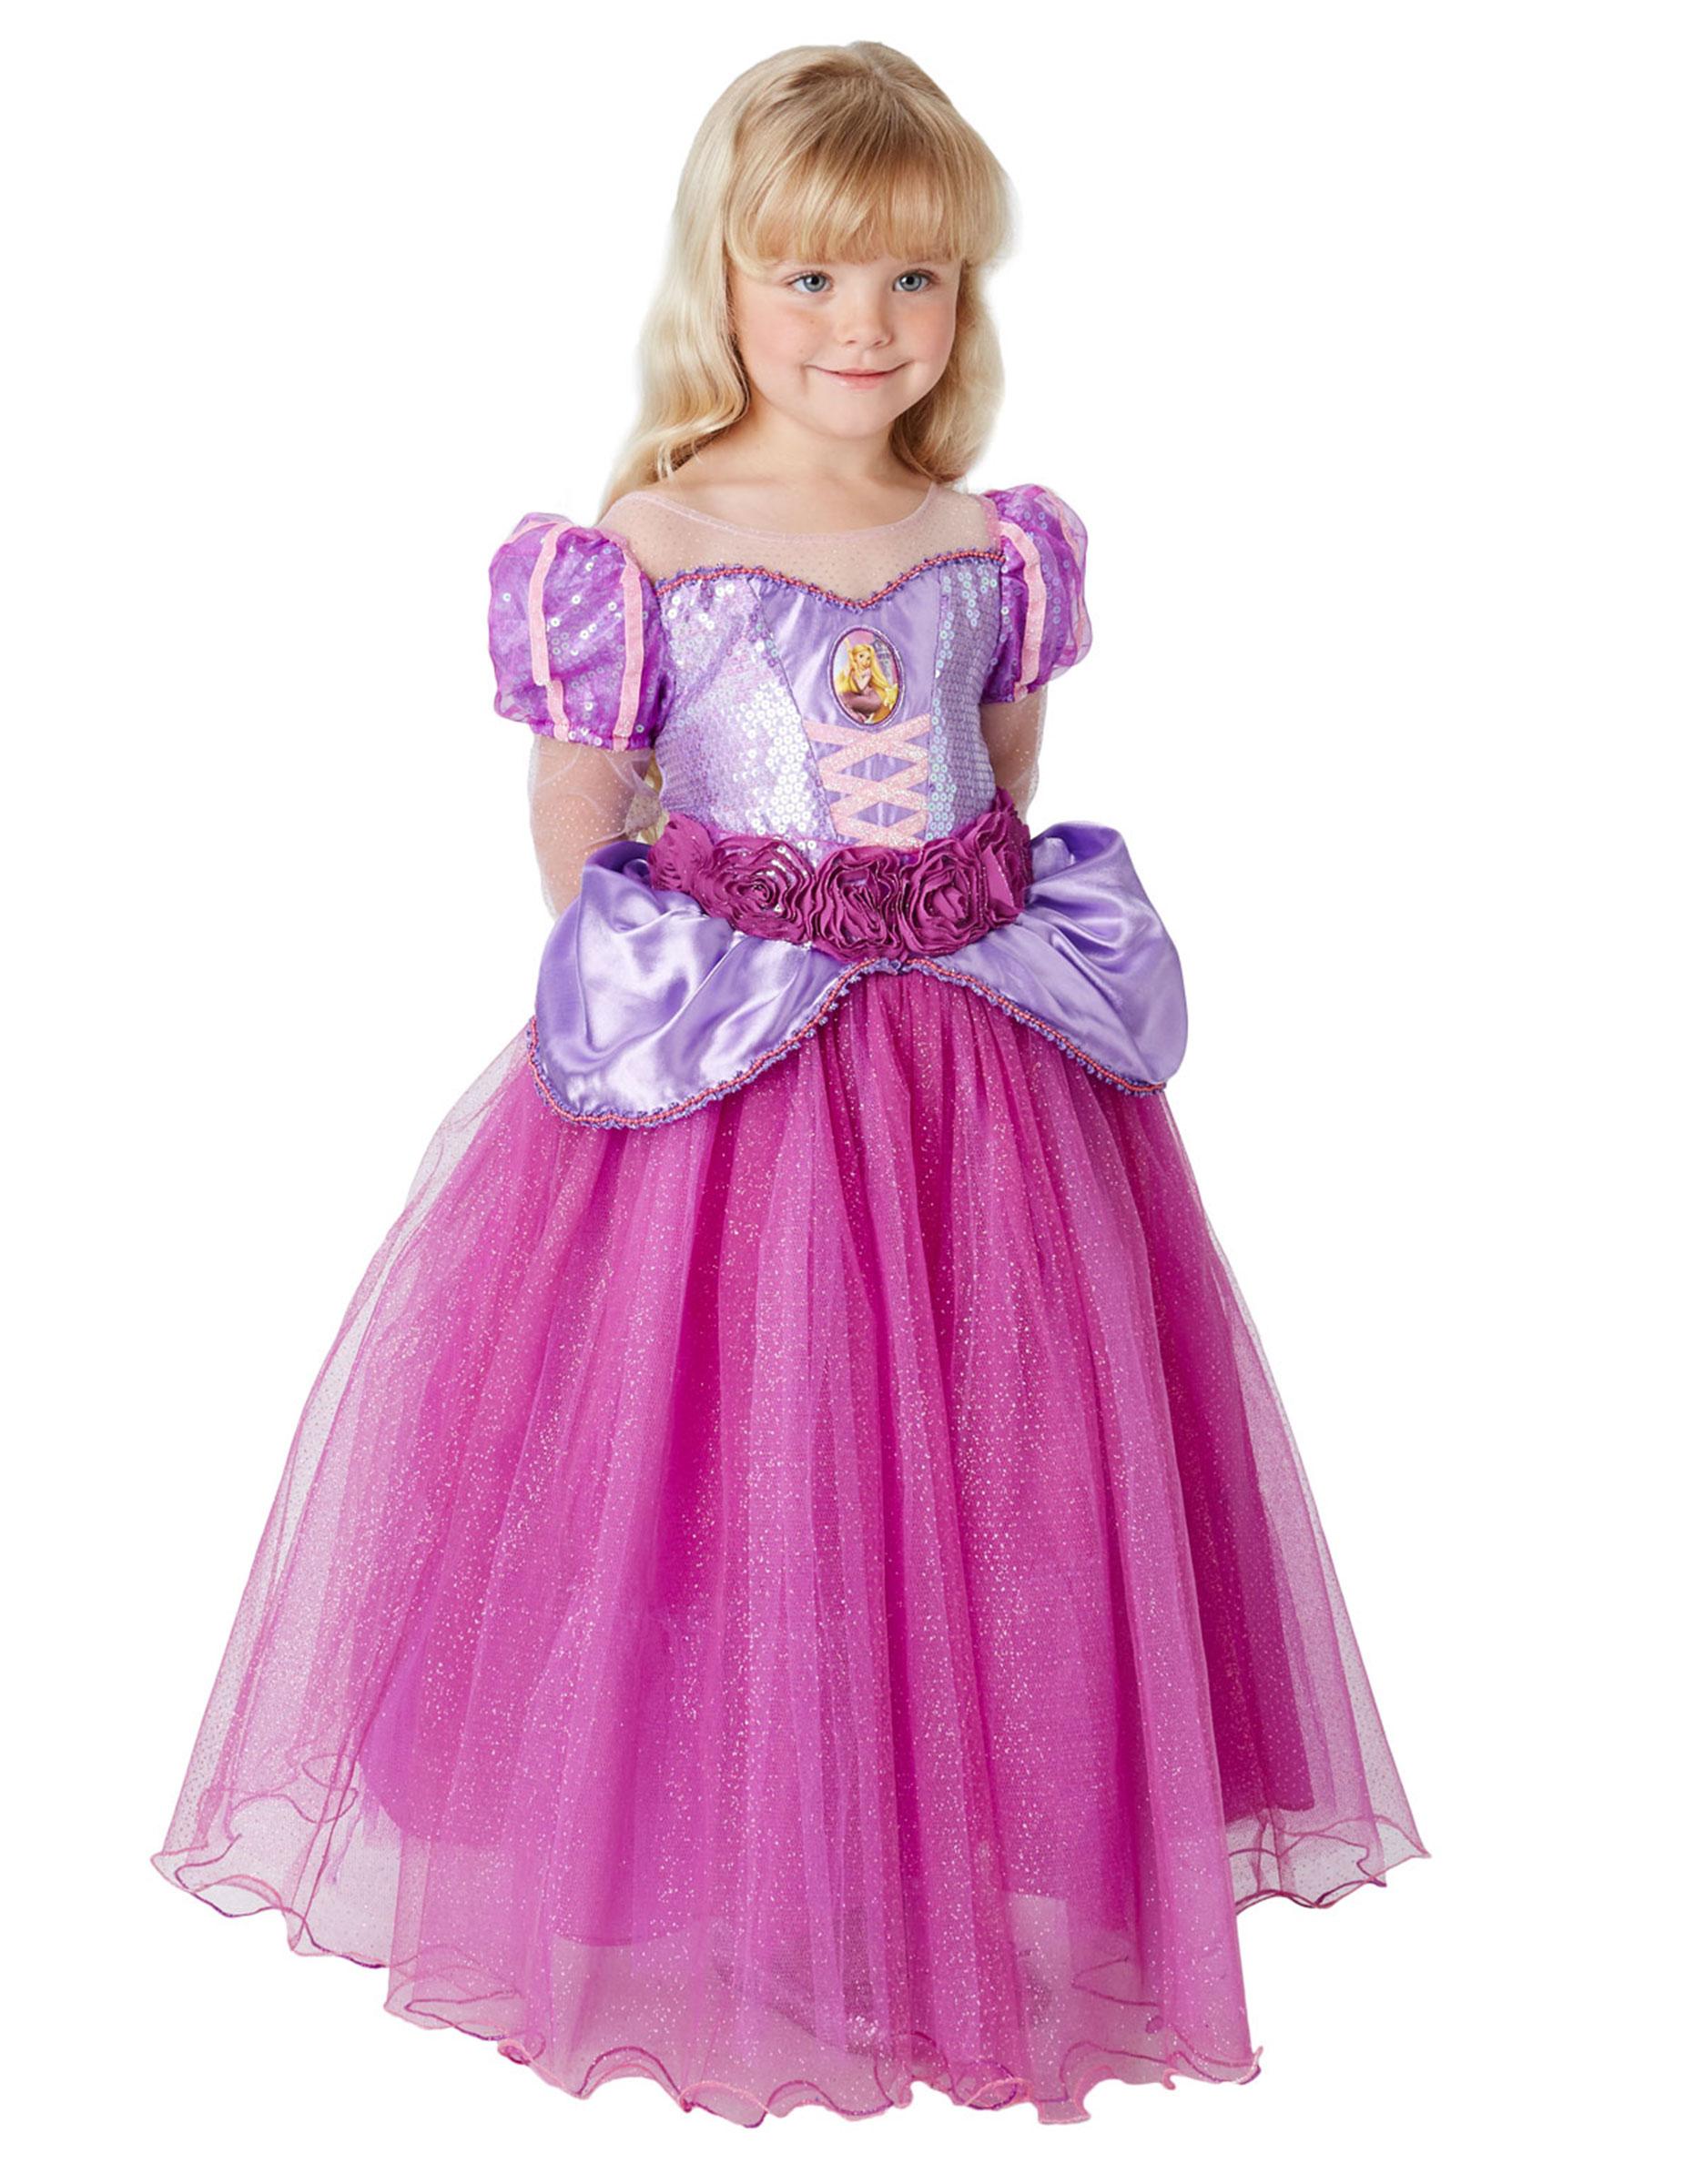 grandi affari 2017 alta moda grandi affari sulla moda Costume Premium Rapunzel™ per bambina